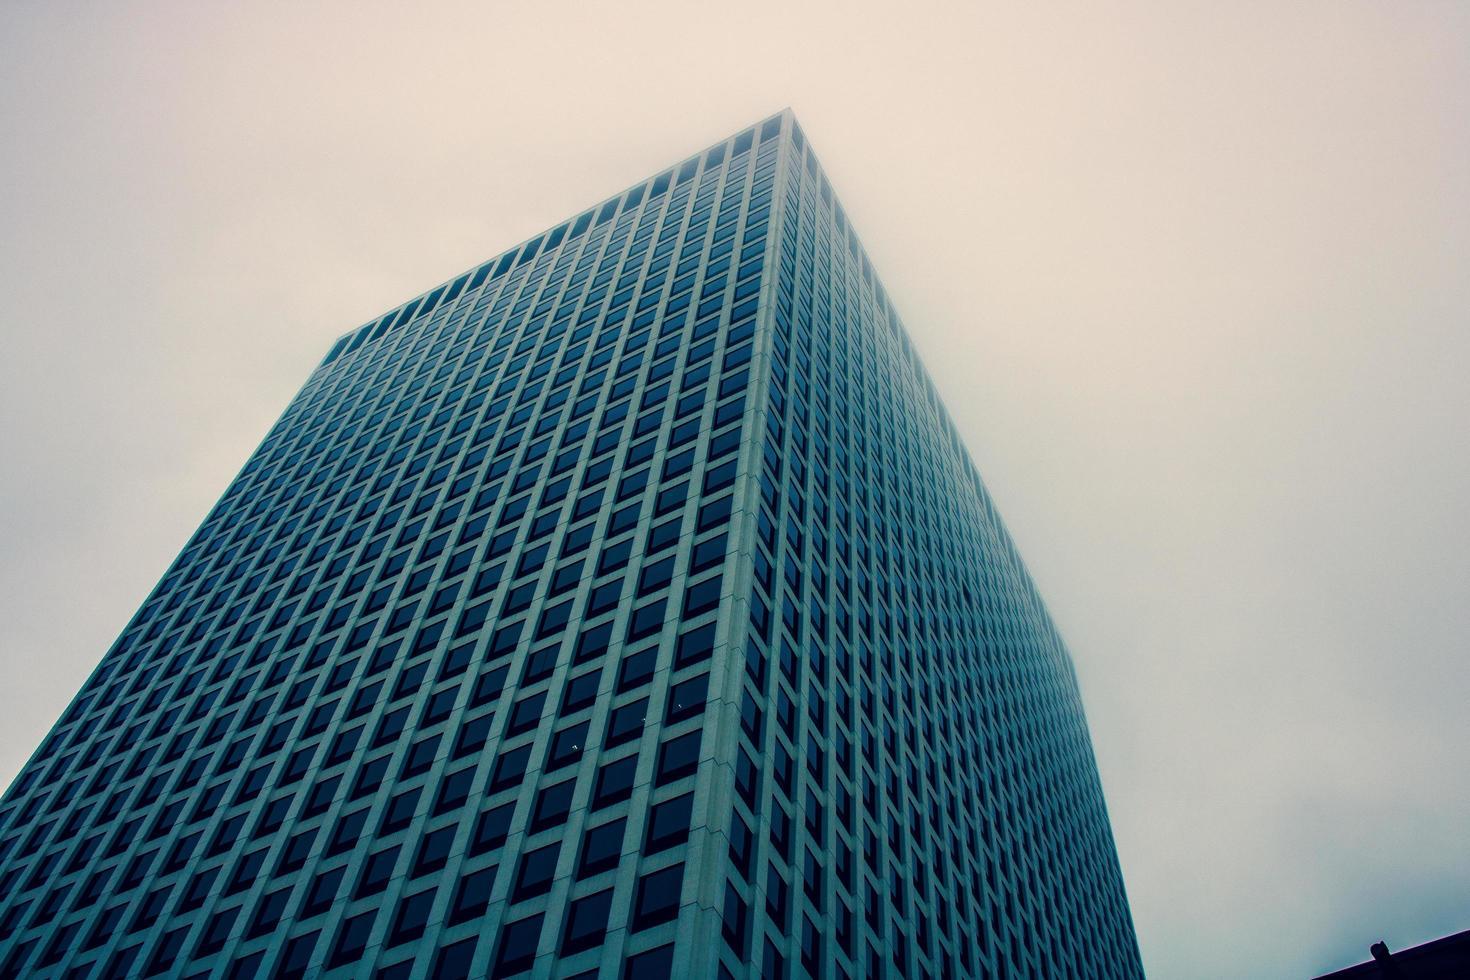 Vue au niveau de la rue de gratte-ciel photo